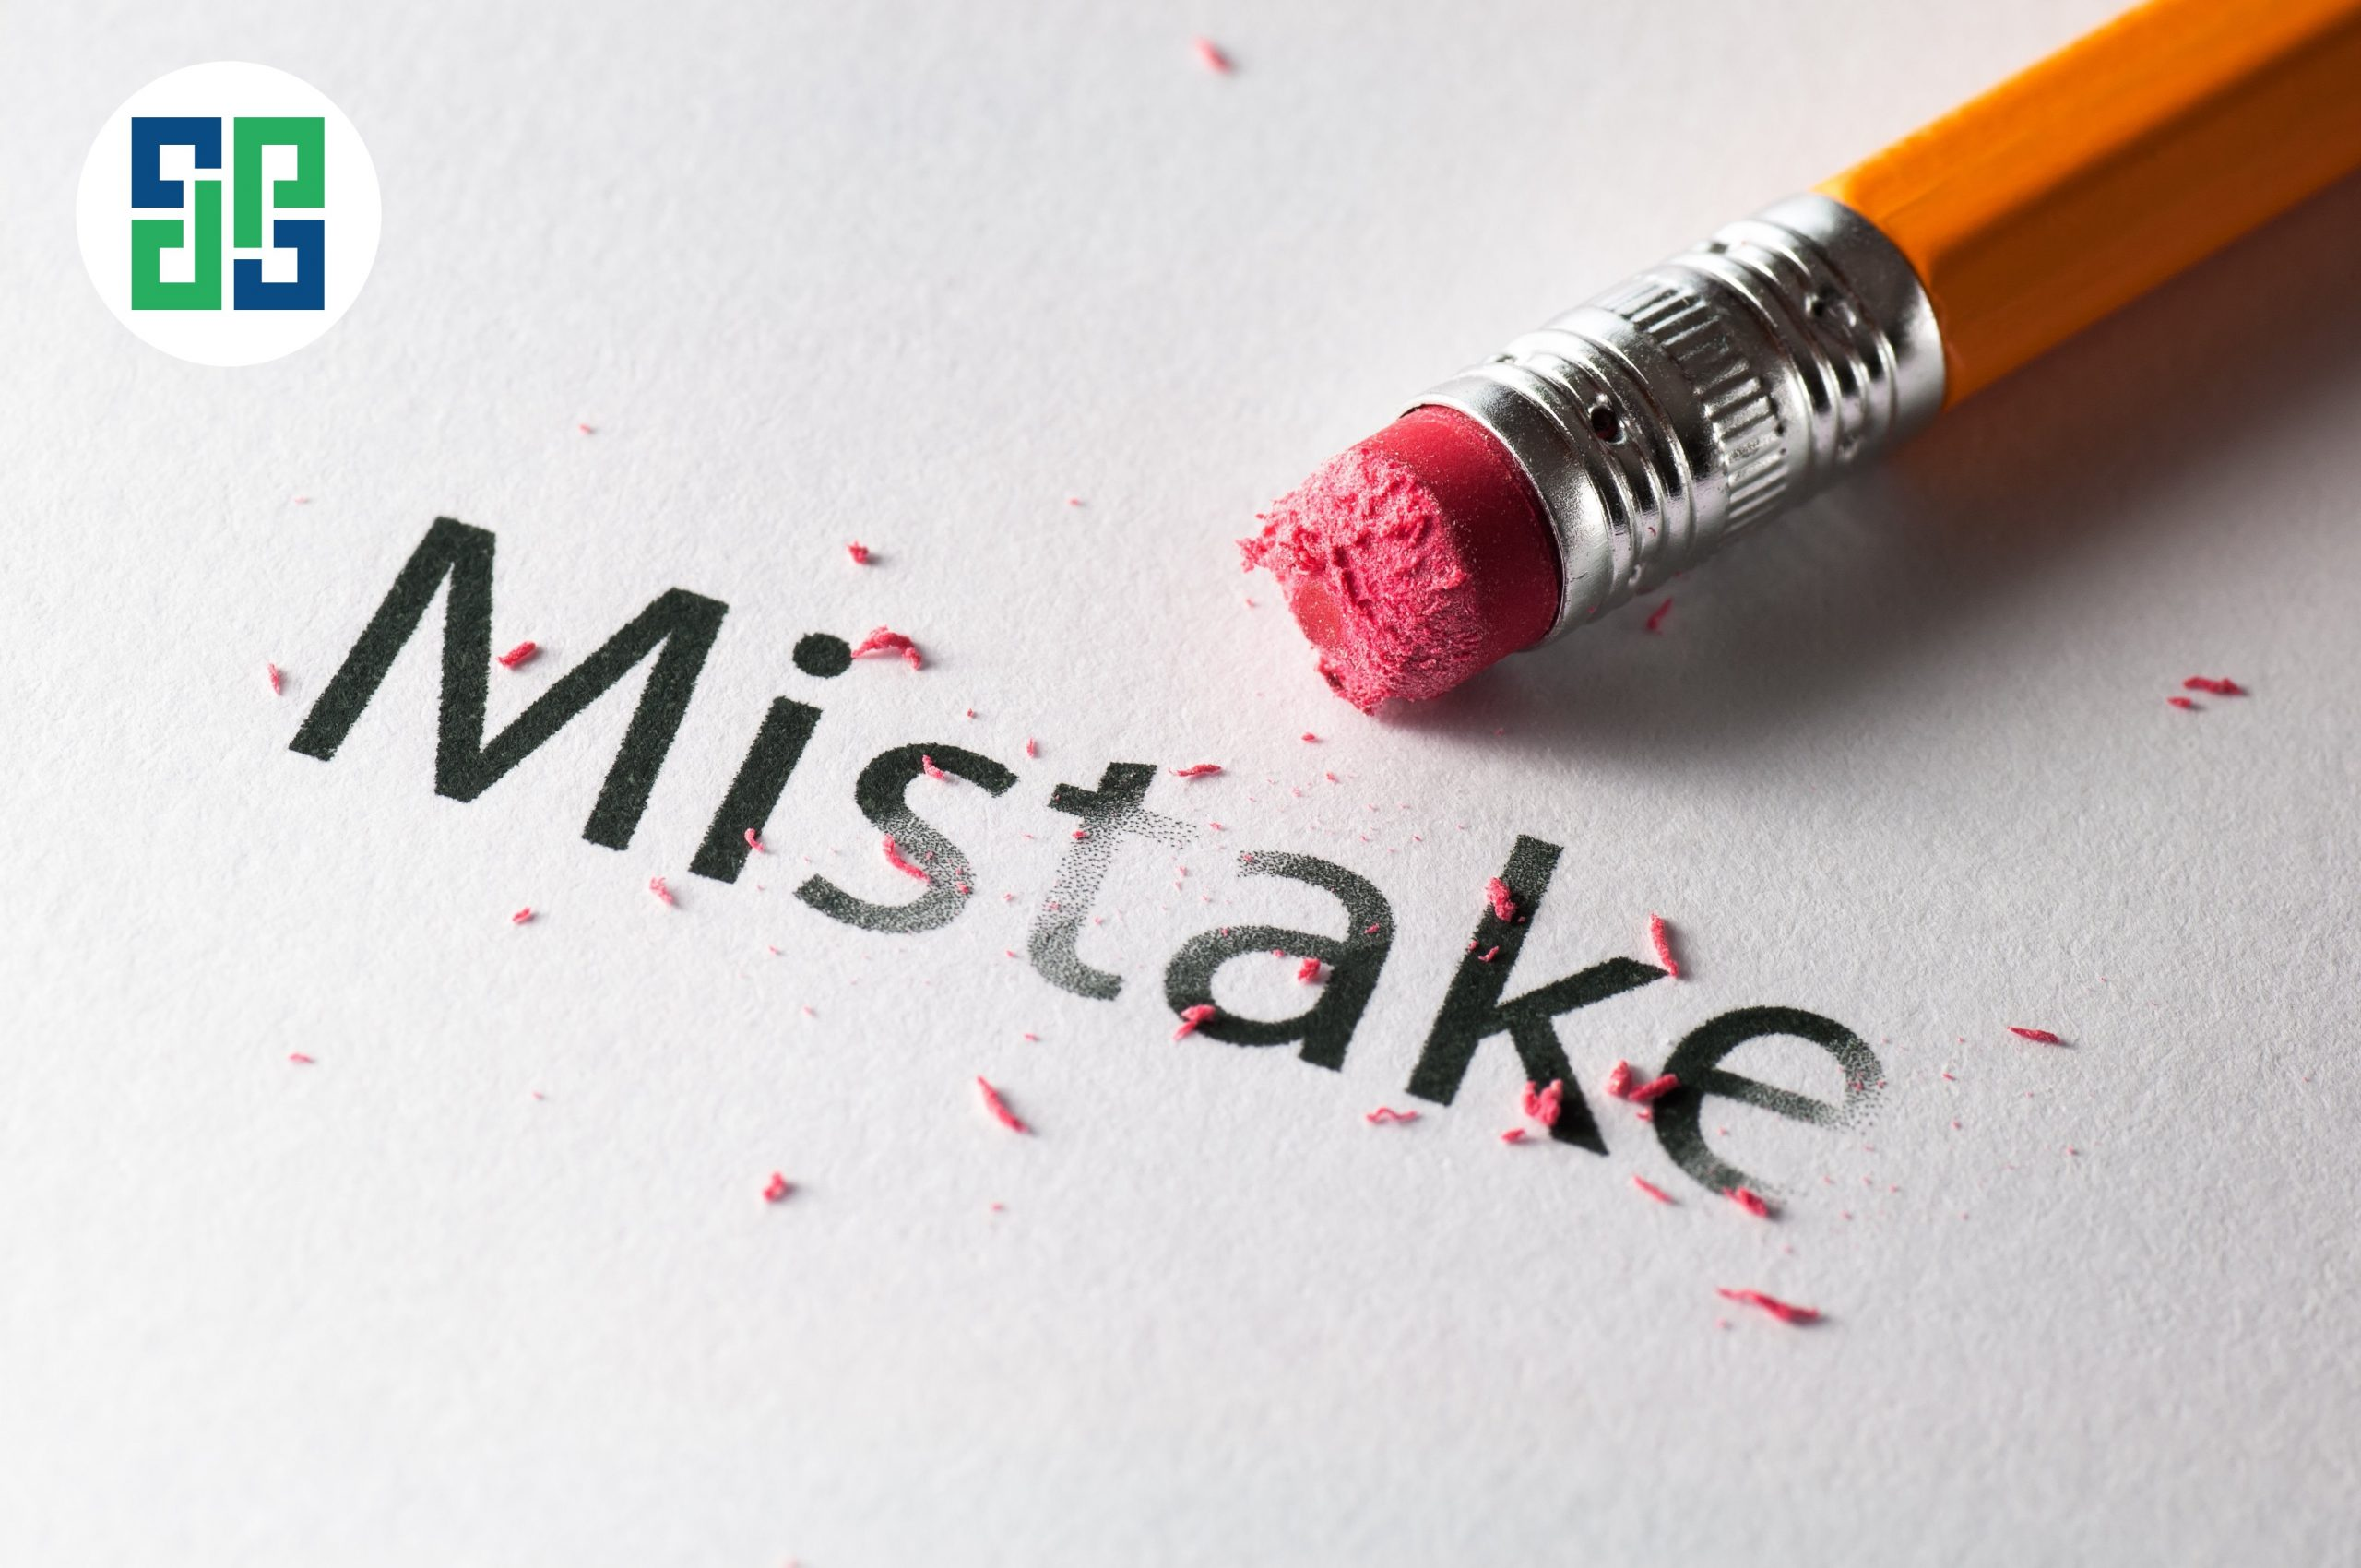 Theo dõi, phân tích content để tránh những lỗi cơ bản